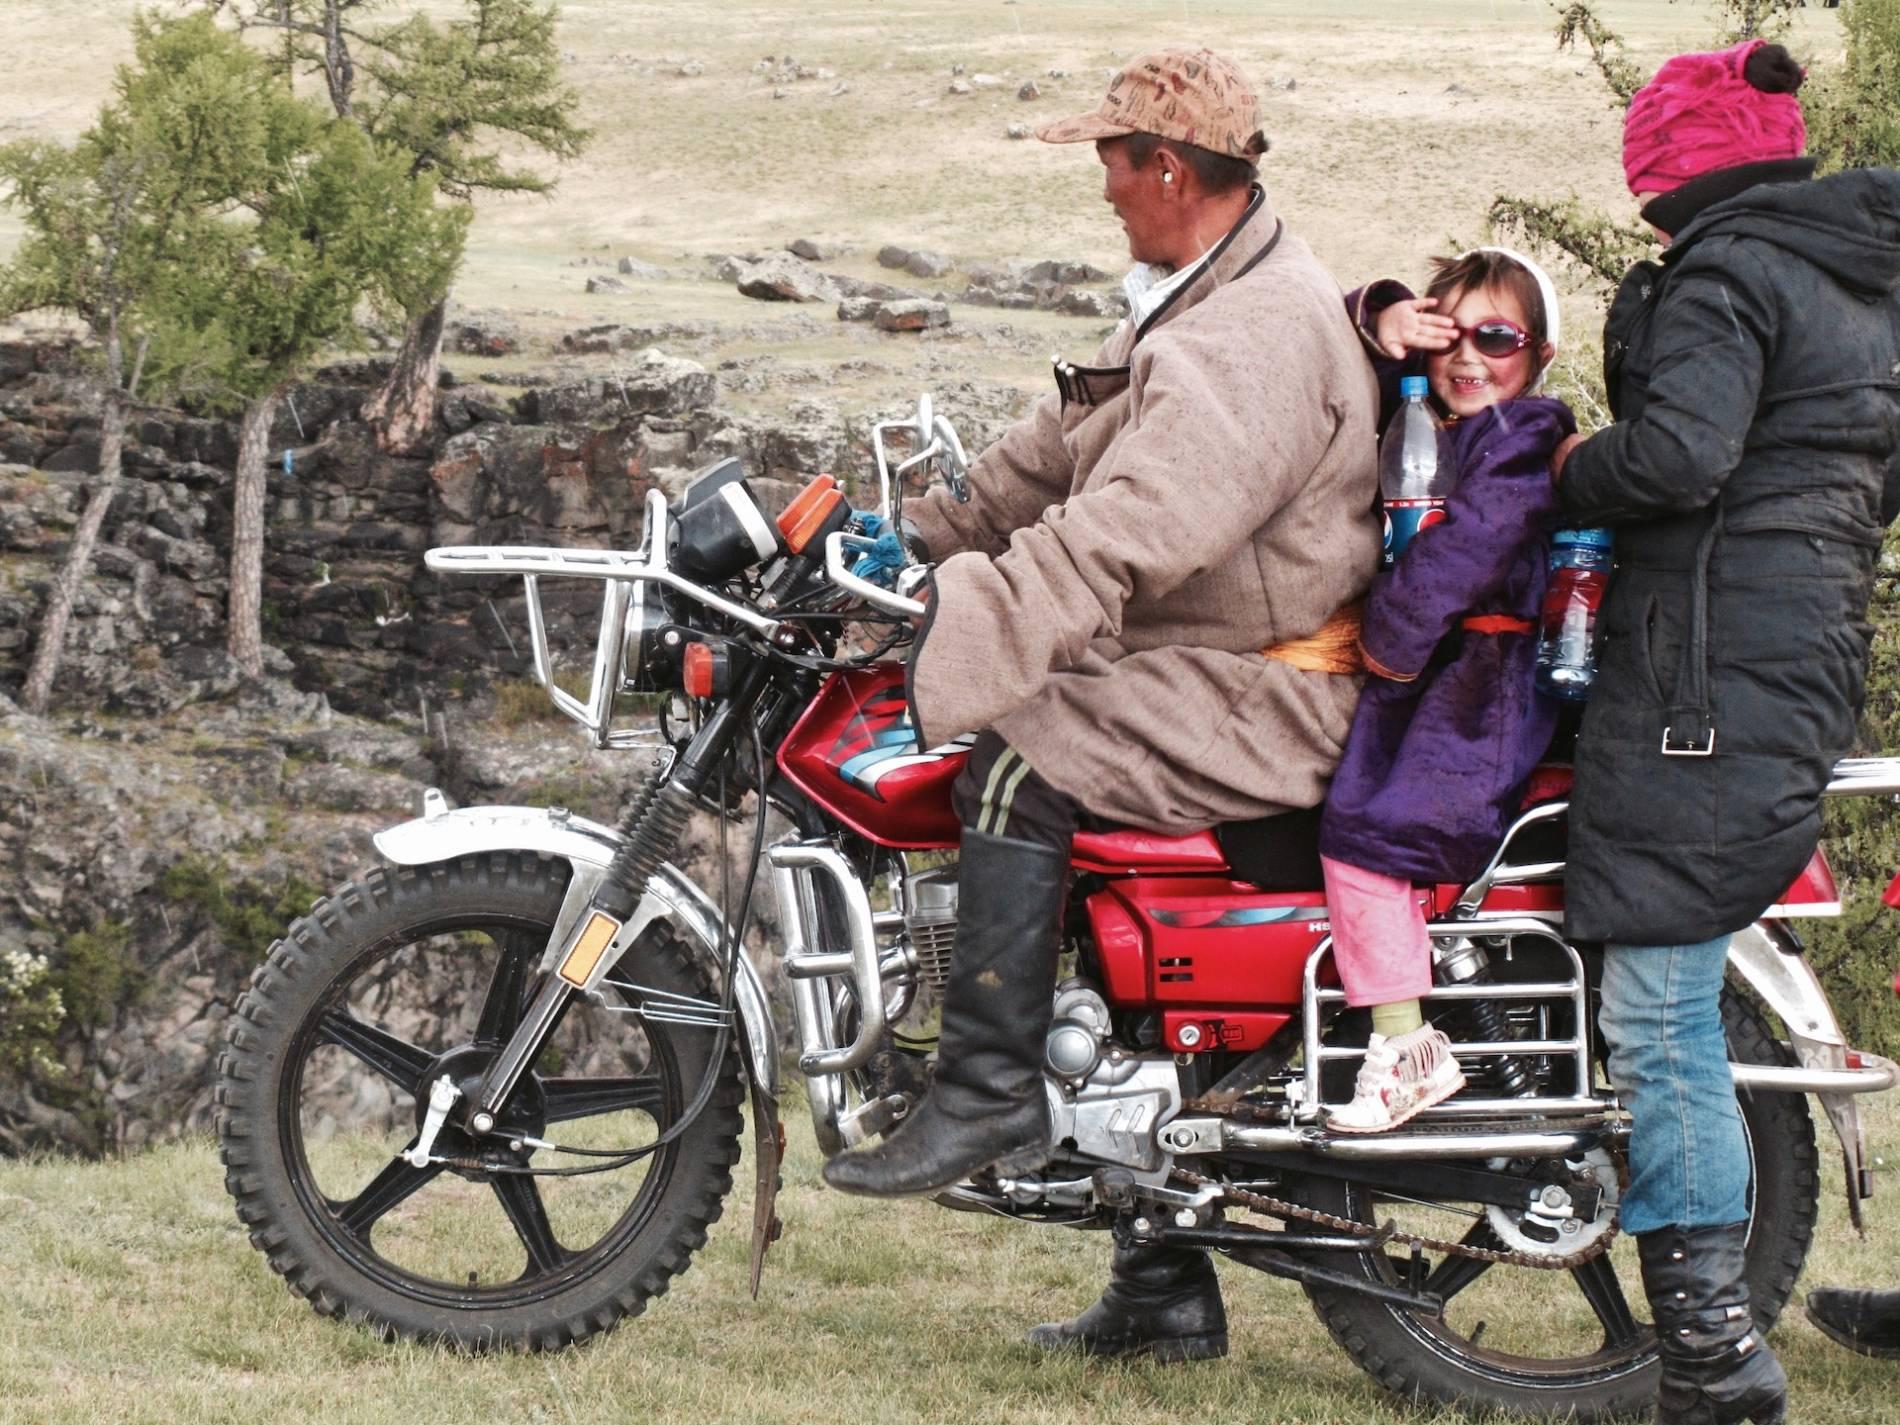 famille moto mongolie